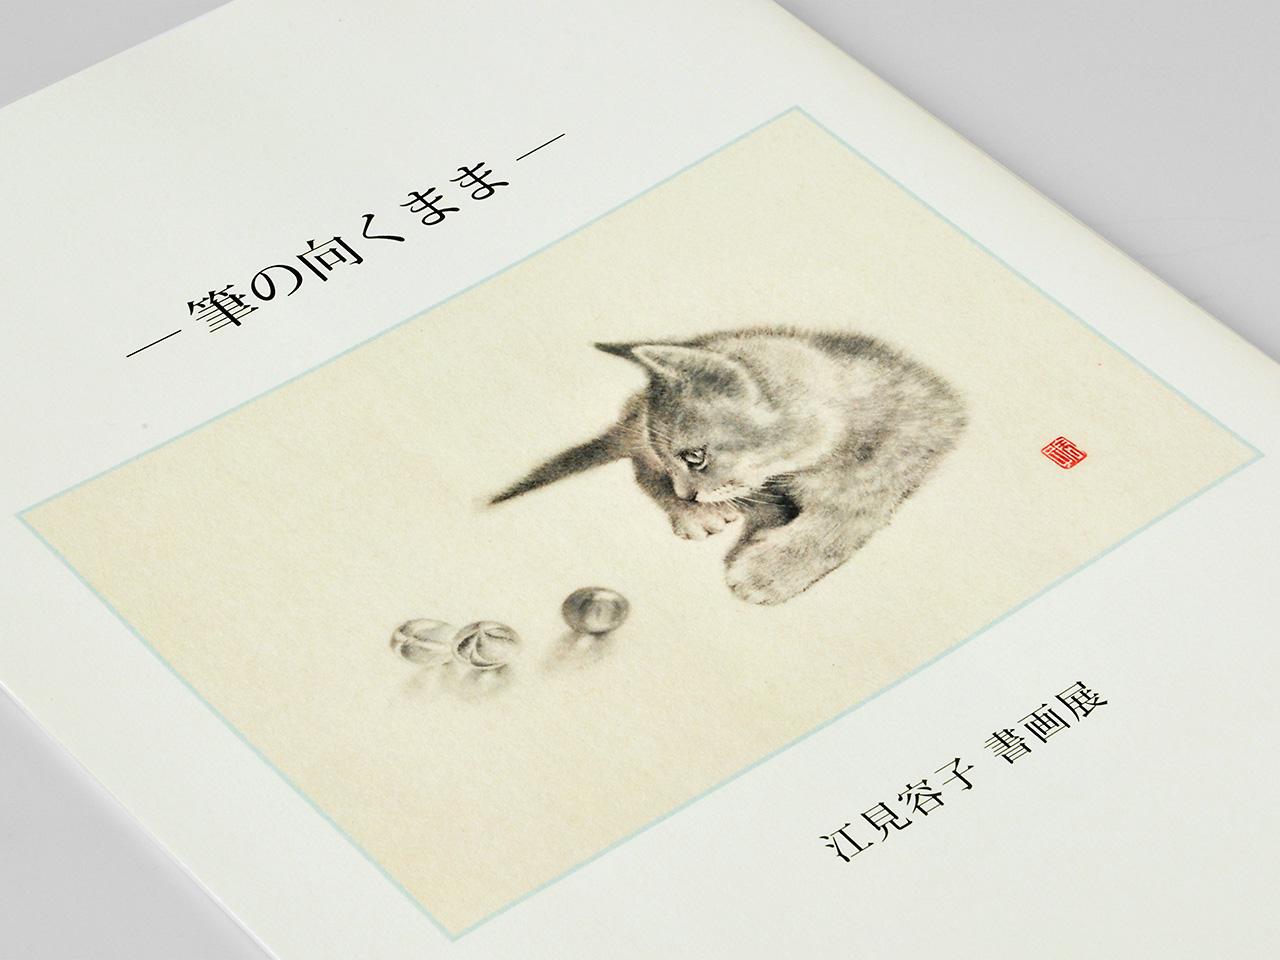 【自費出版制作事例】ー筆の向くままー